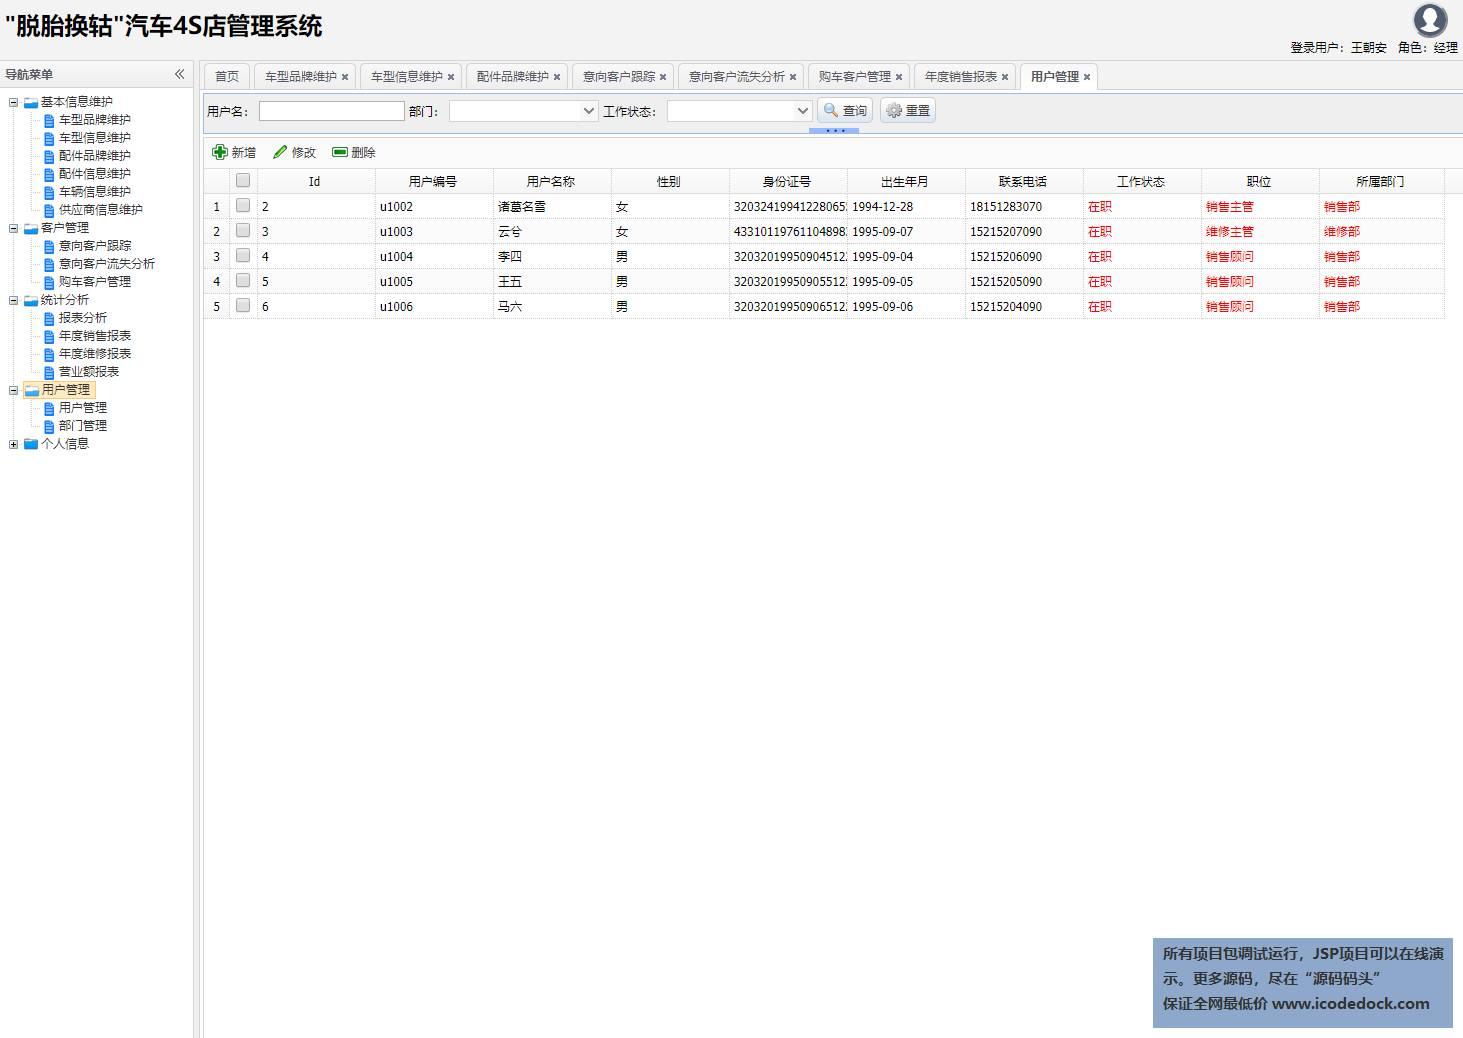 源码码头-SSH汽车4S店管理系统-管理员角色-用户管理